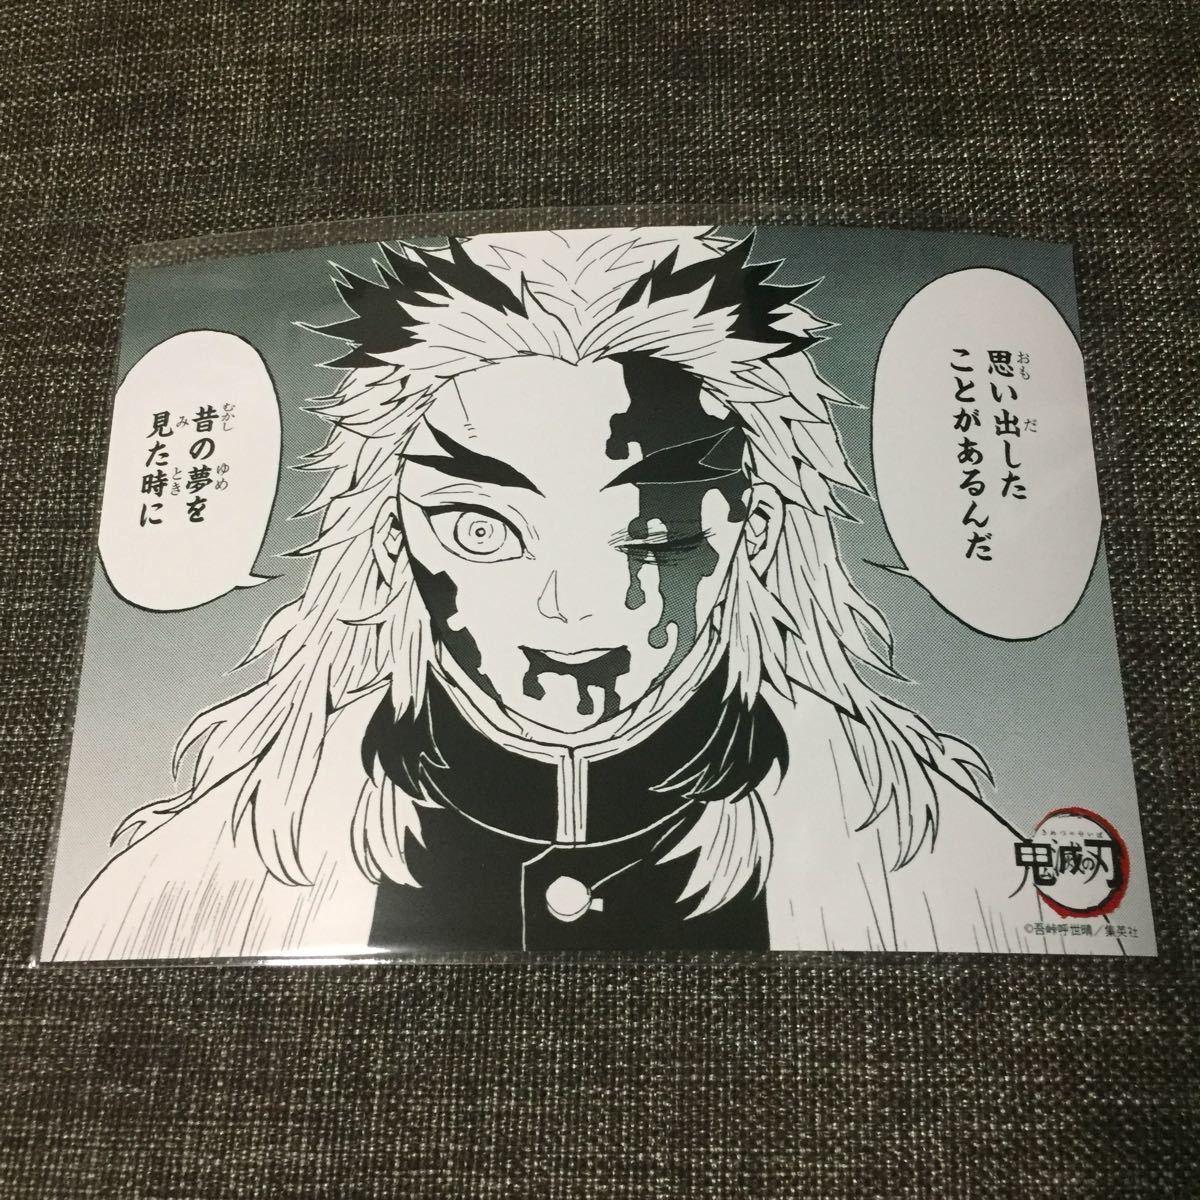 鬼滅の刃 2Lプレミアムブロマイド [J] 煉獄杏寿郎 ジャンプ 劇場 無限列車